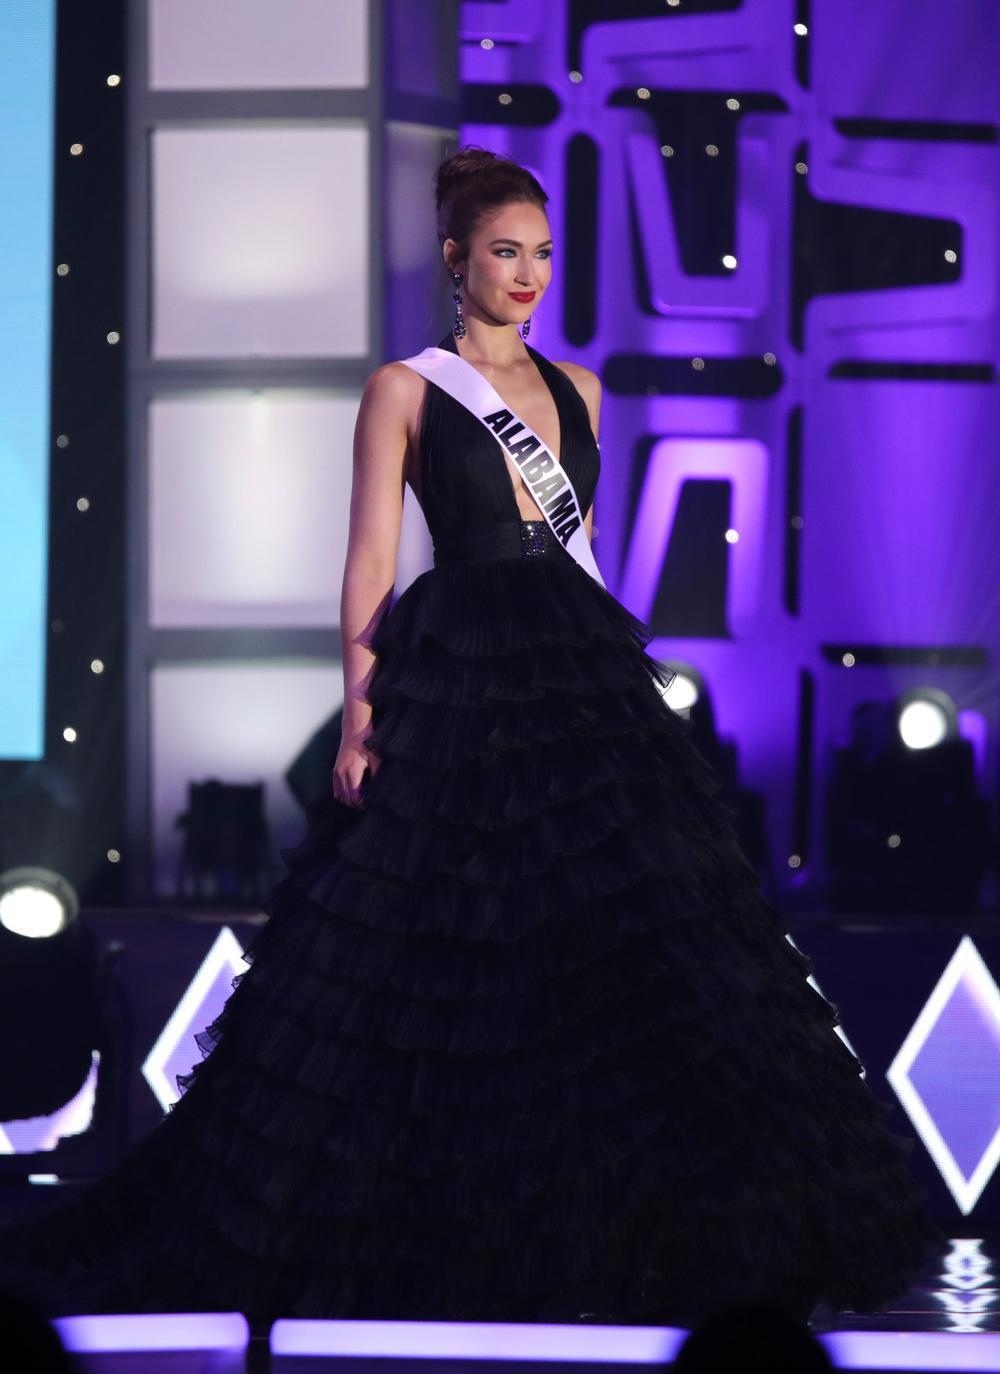 Thí sinh Miss USA mặc lạc quẻ giống Kiều Loan, đạo nhái váy Hoàng Thùy trong phần thi dạ hội Ảnh 20